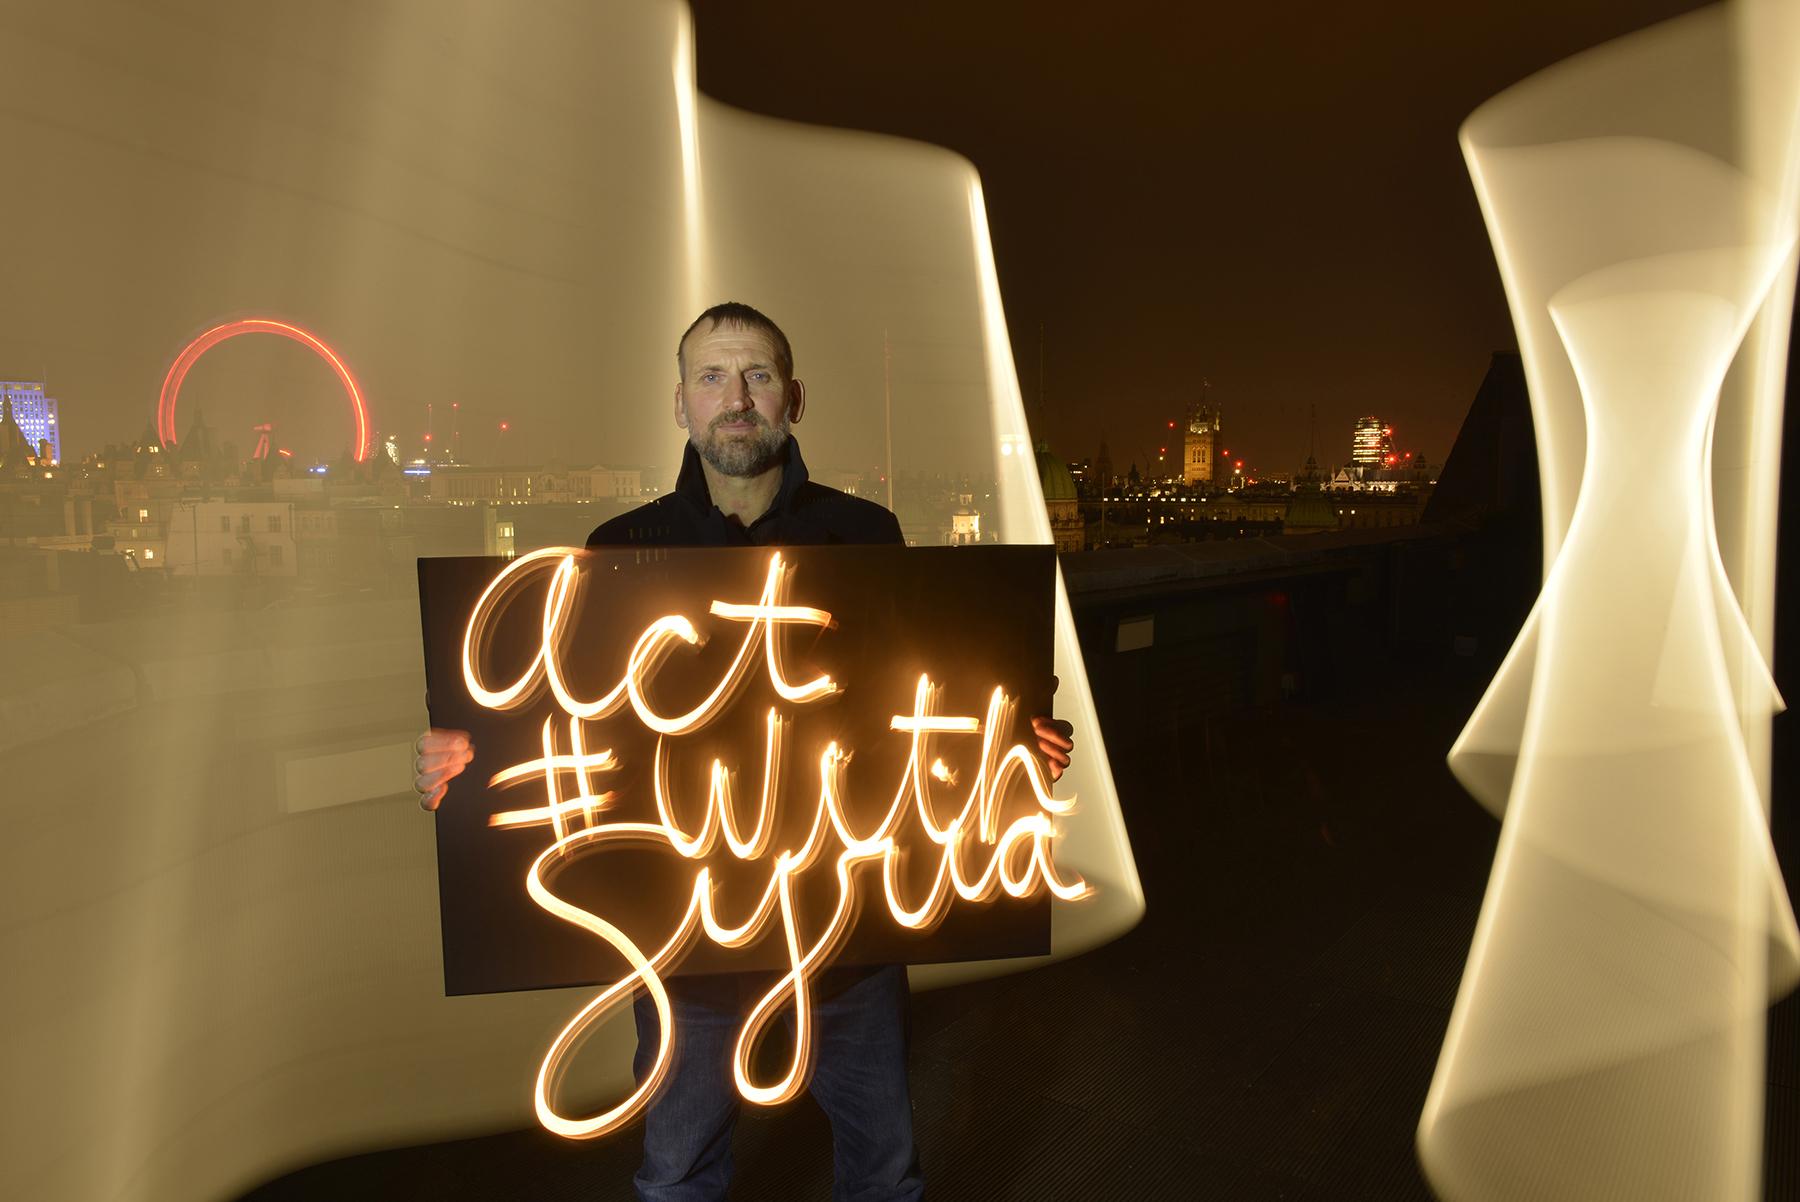 Act #withSyria - CODAworx